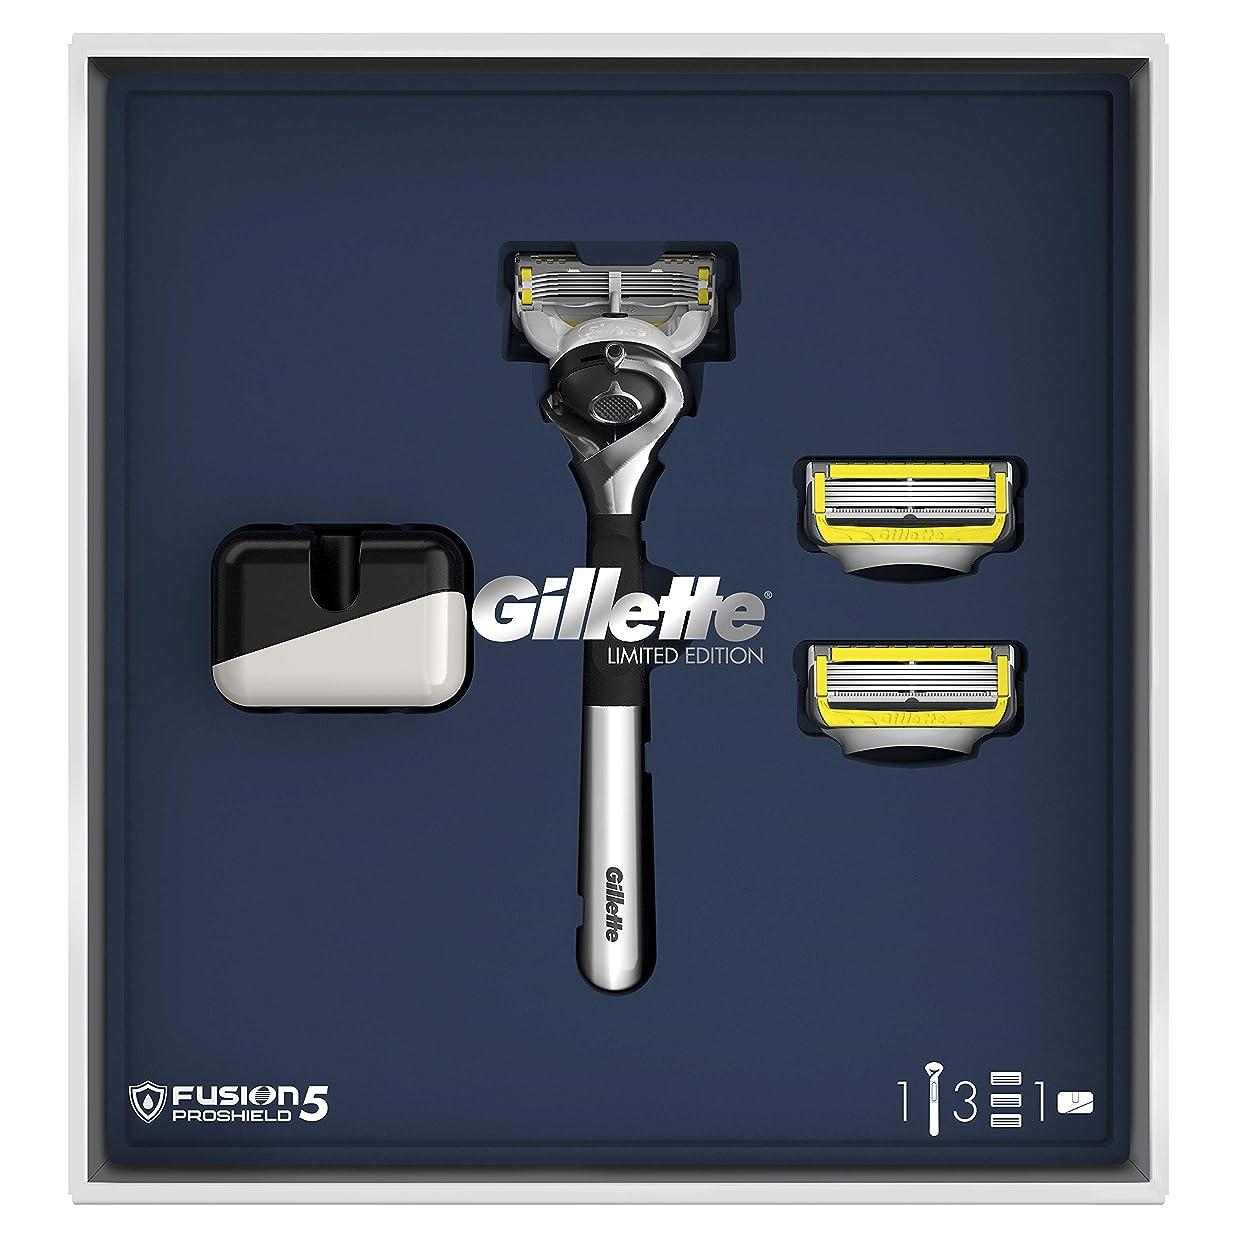 ドライバ送る禁じるジレット プロシールド 髭剃り本体+替刃3個 オリジナルスタンド付 スペシャルパッケージ